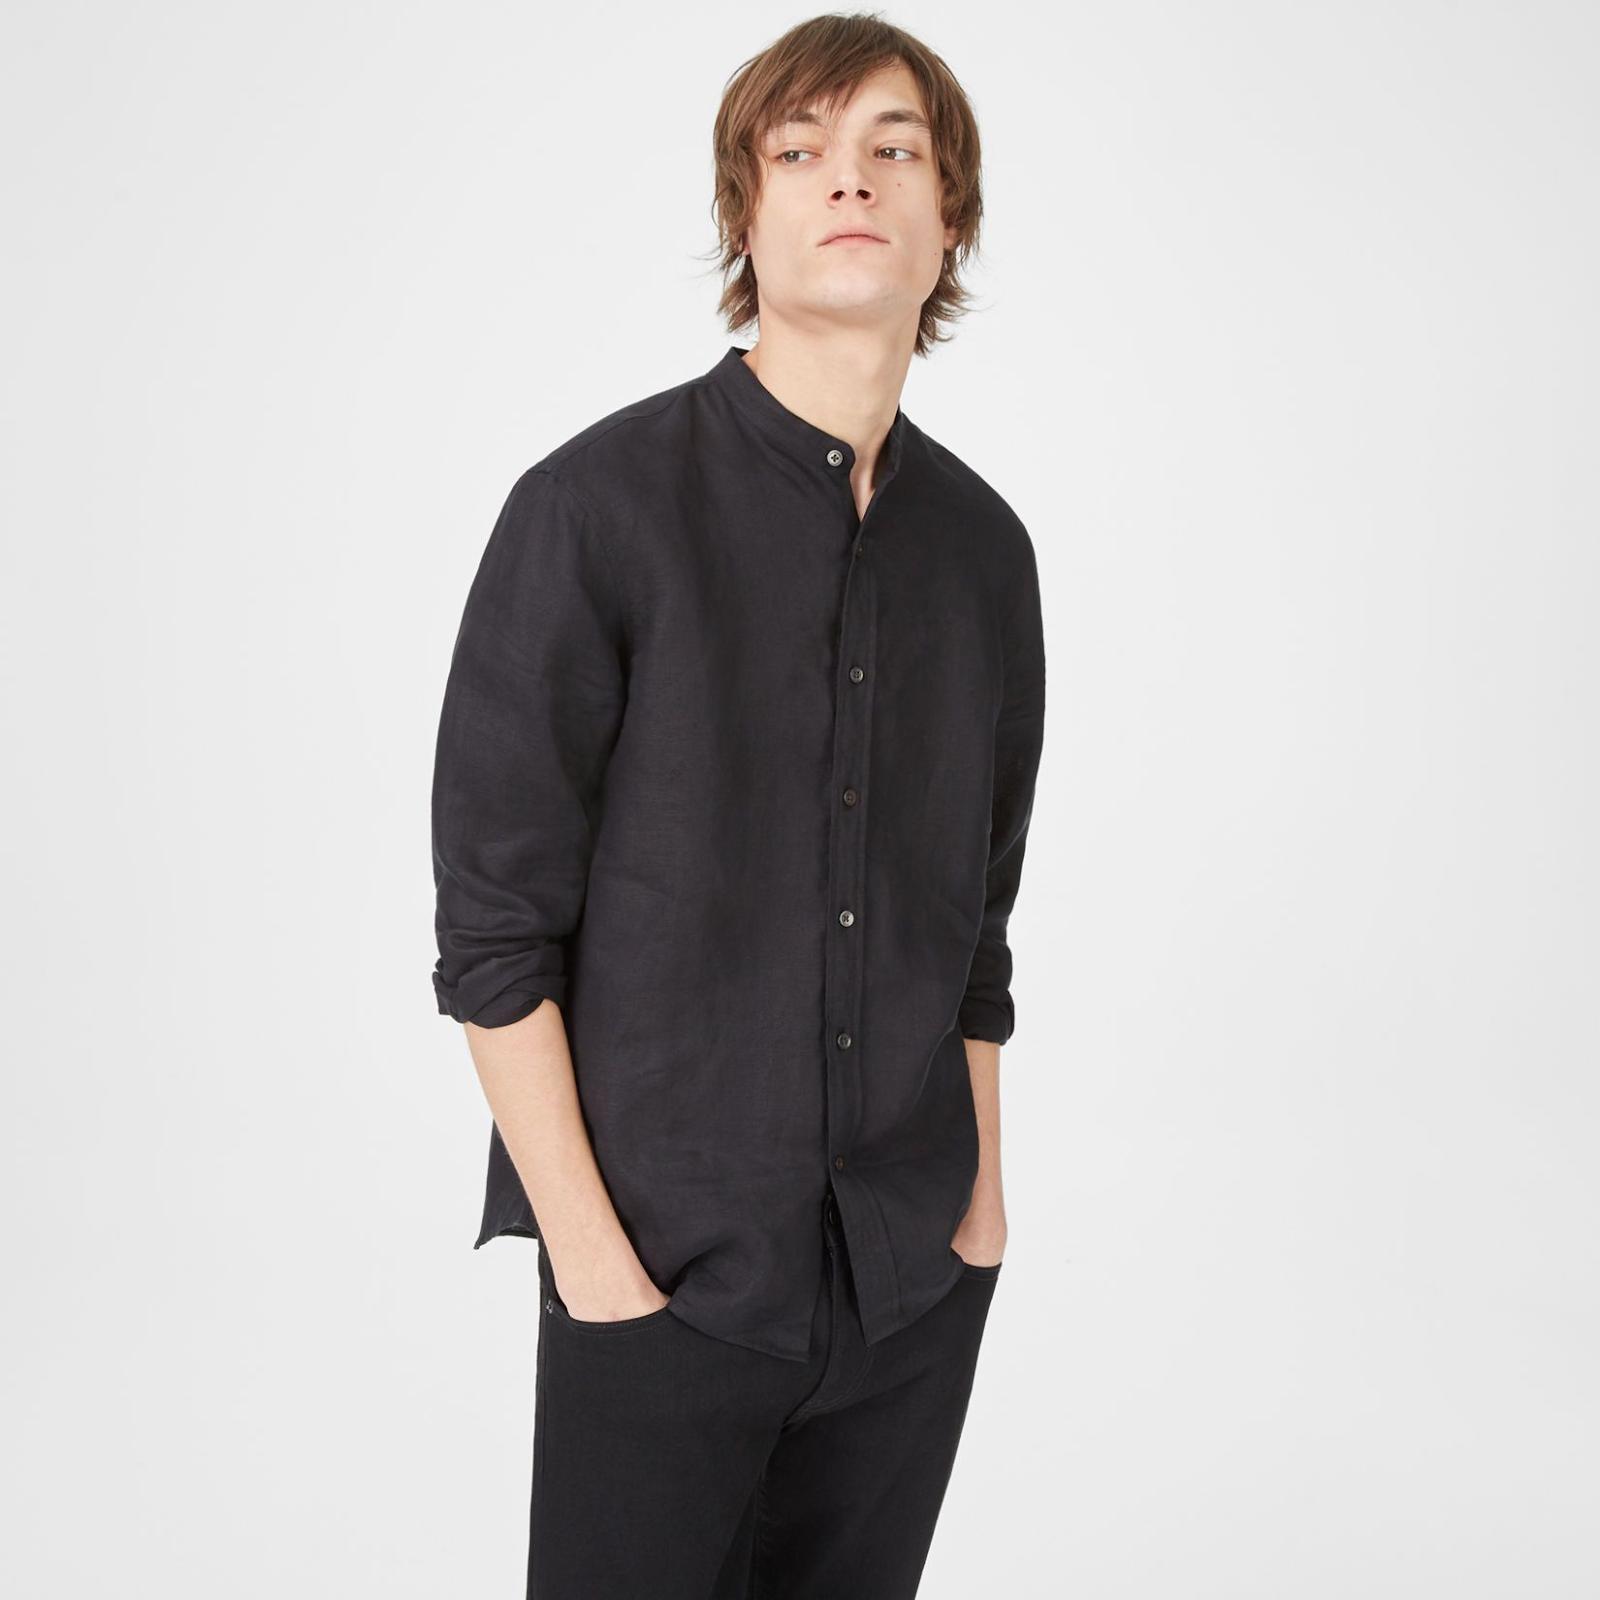 Sơ mi nam vải đũi màu đen che vết bẩn tốt, dễ bảo quản, rất phù hợp với những chàng trai bận rộn.